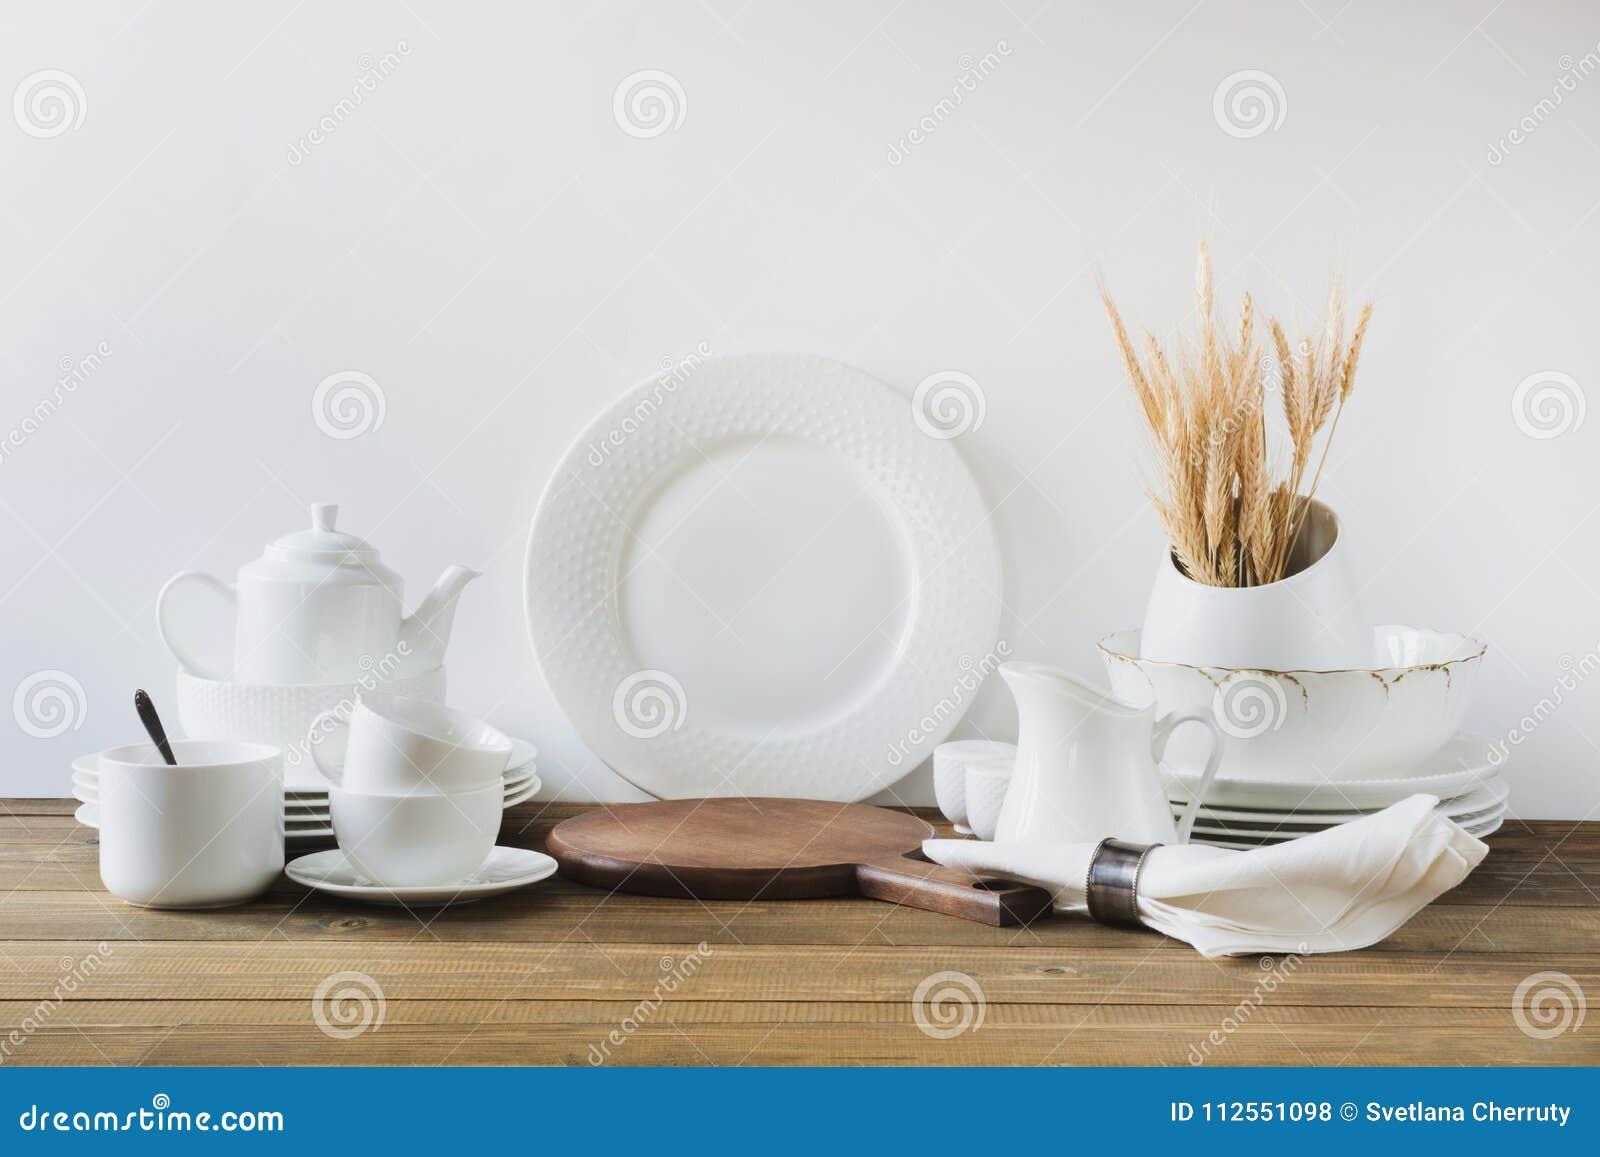 Weisse Kuchengerate Dishware Und Anderes Unterschiedliches Weisses Material Fur Das Dienen Auf Weissem Holzernem Brett Stockfoto Bild Von Auslegung Dose 112551098